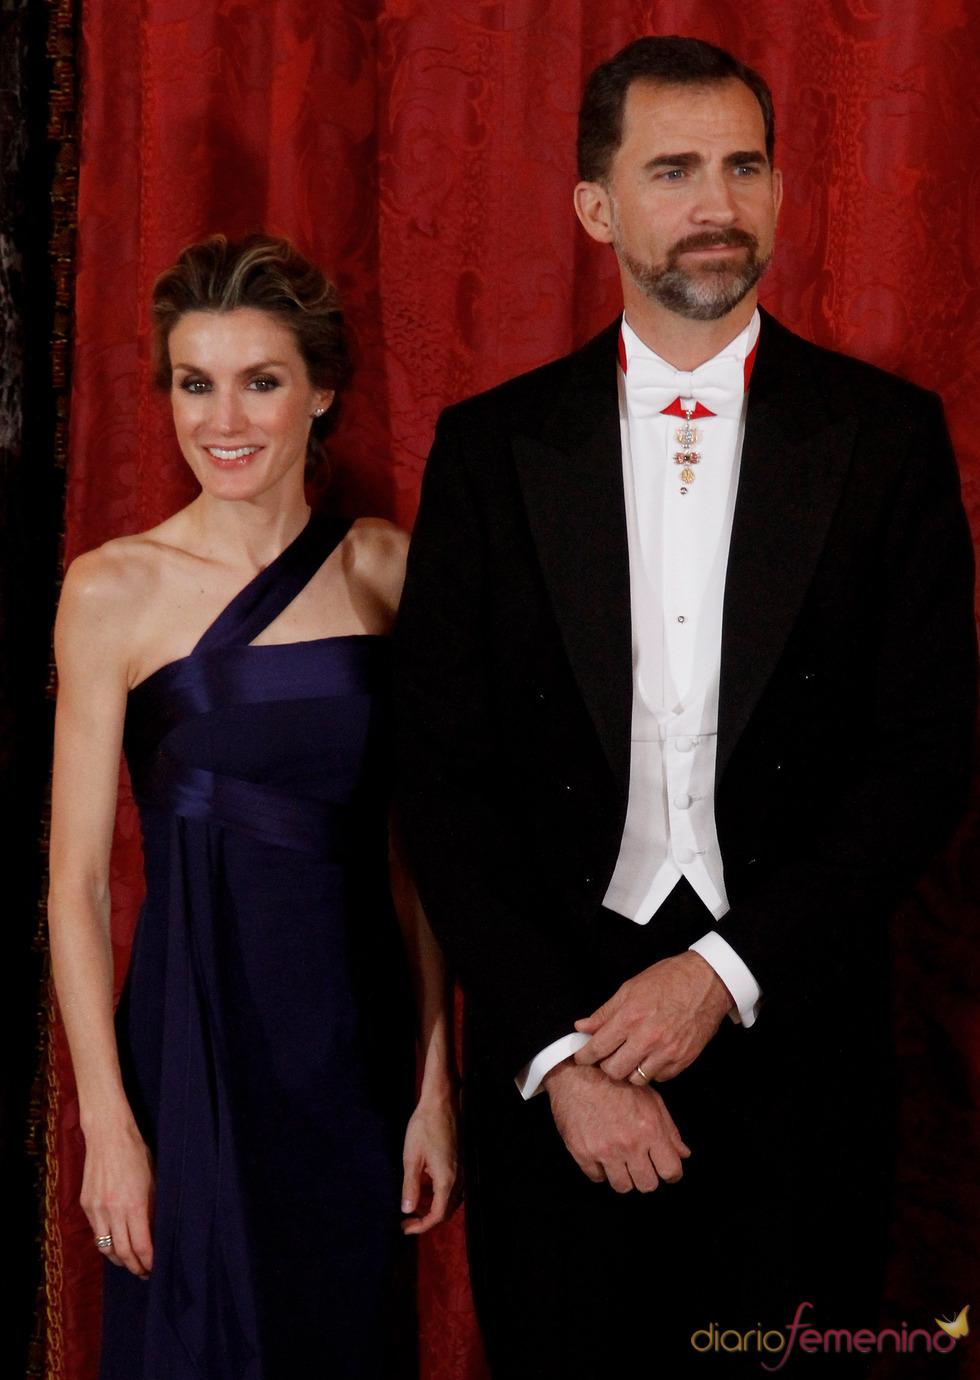 Los Príncipes de Asturias en la cena de gala en honor al emir de Qatar